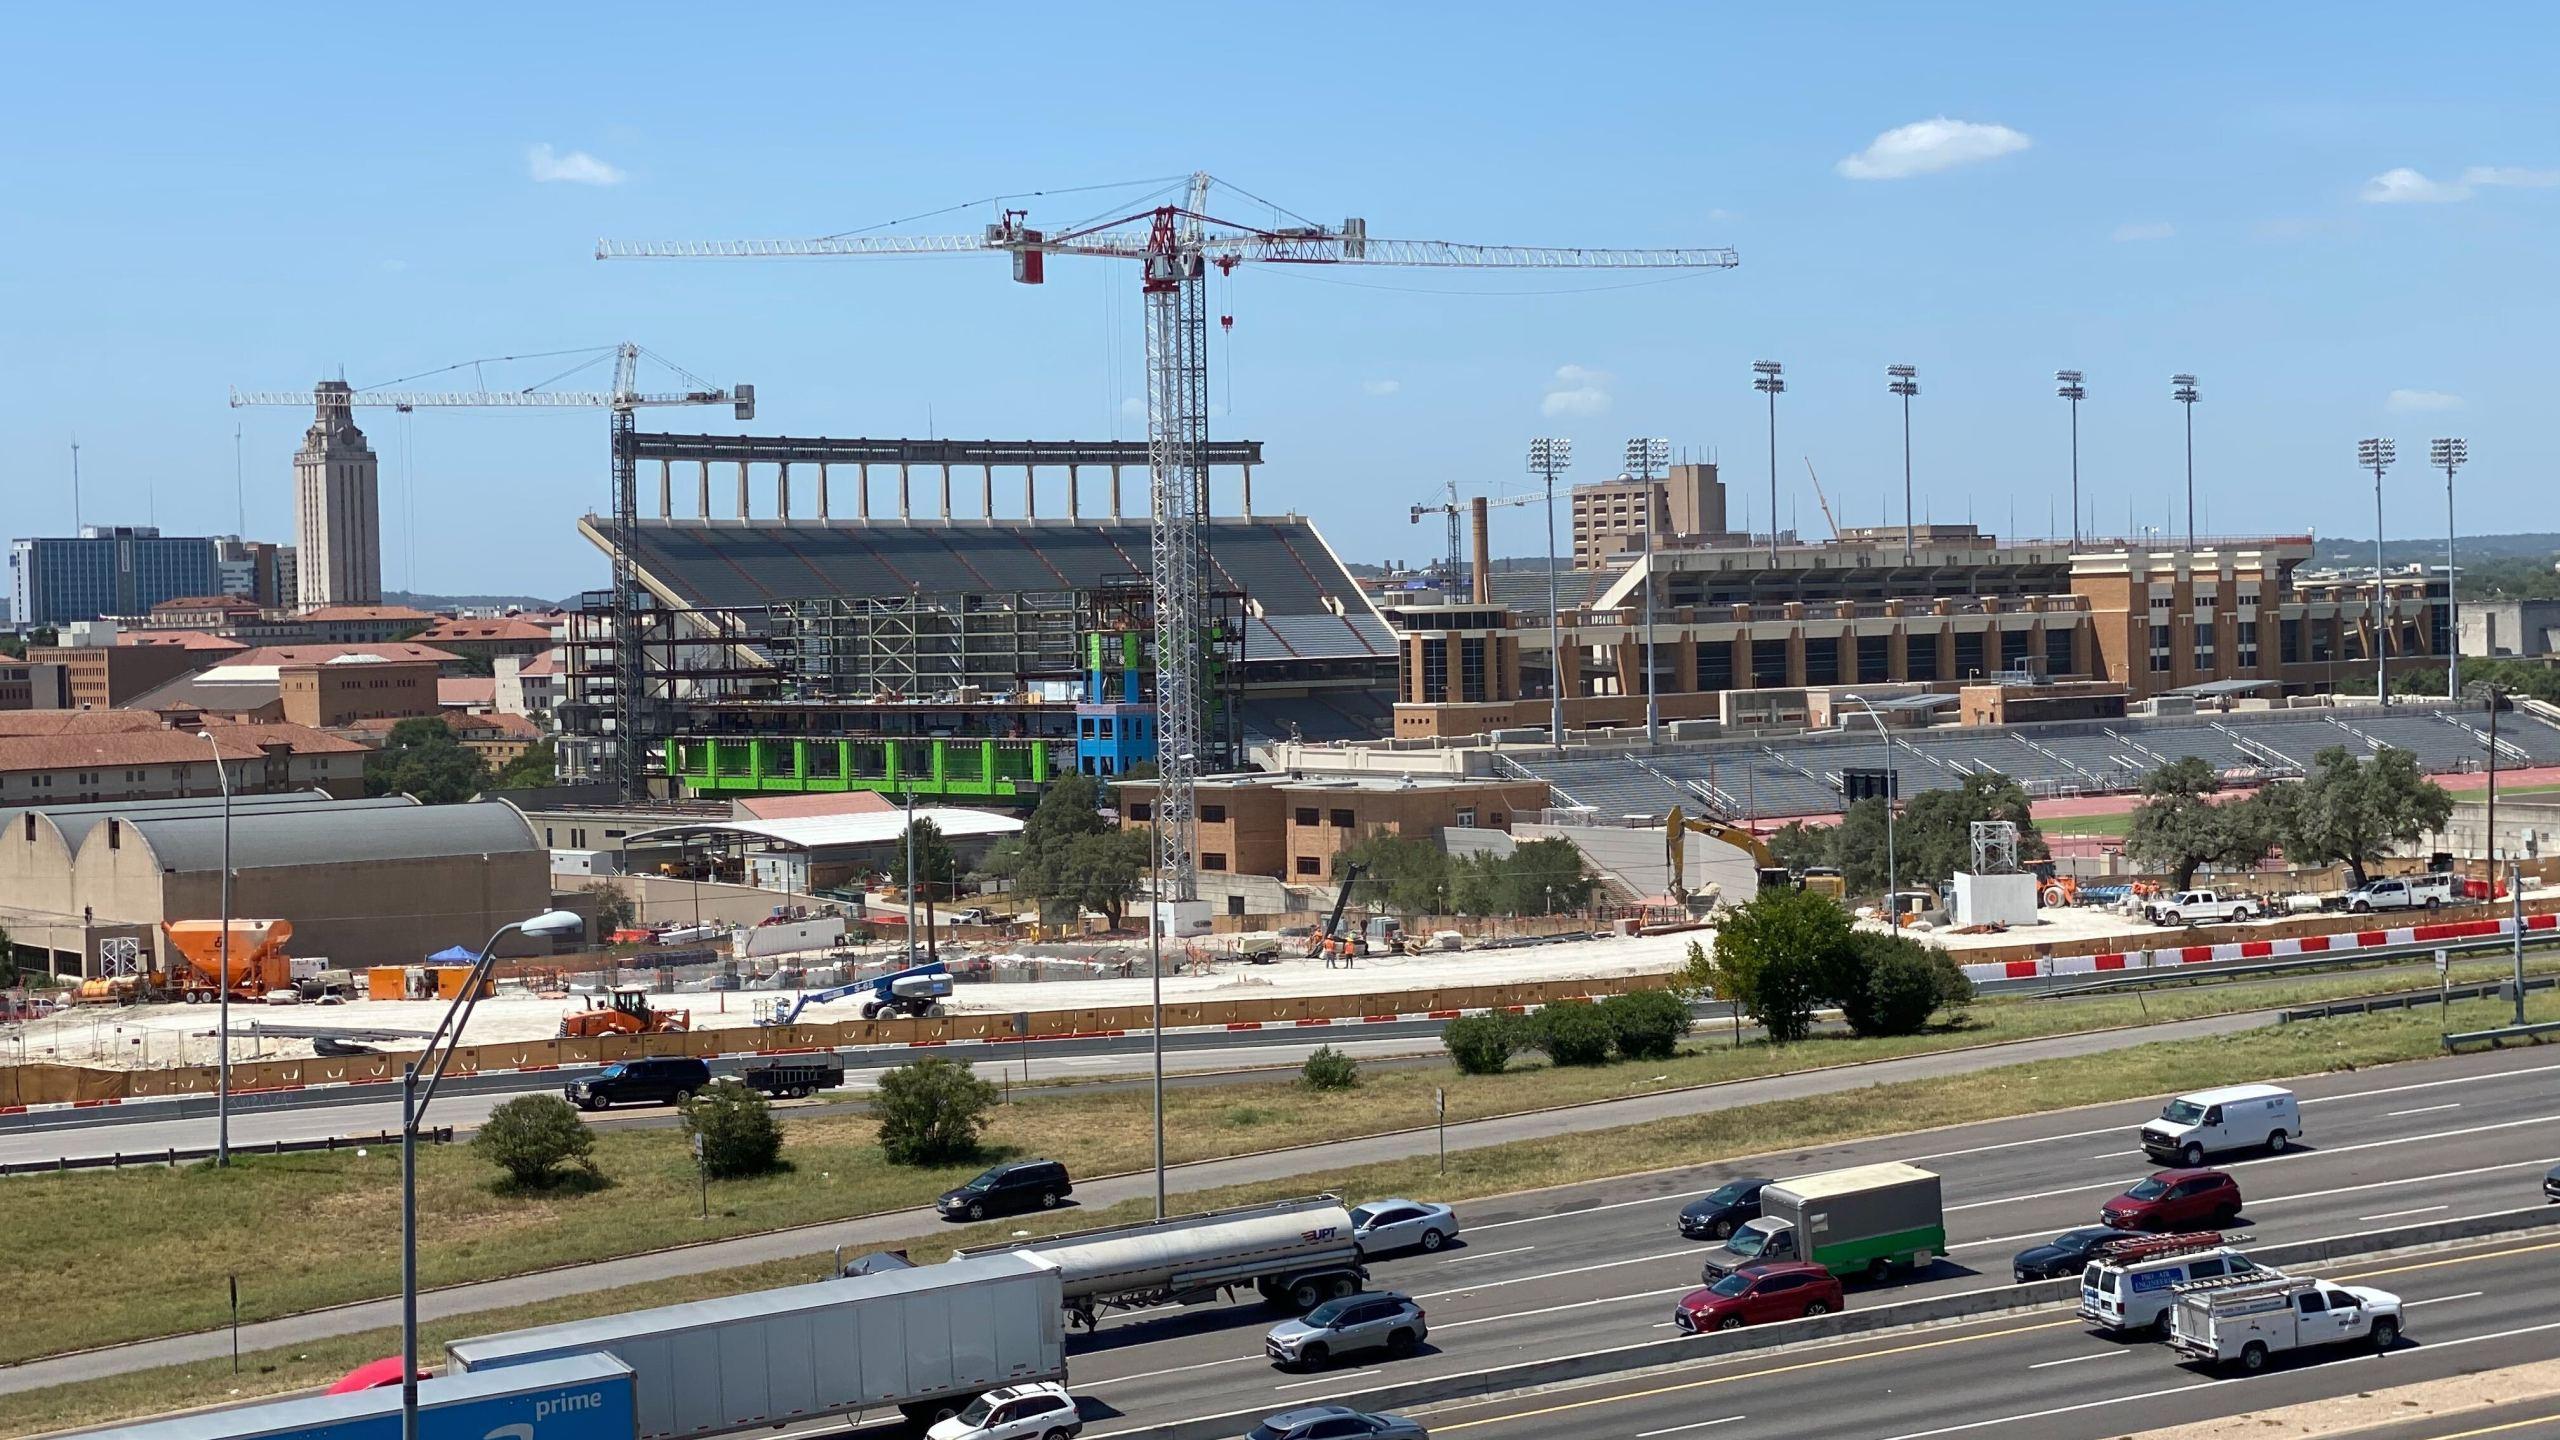 DKR - Texas Memorial Stadiu,